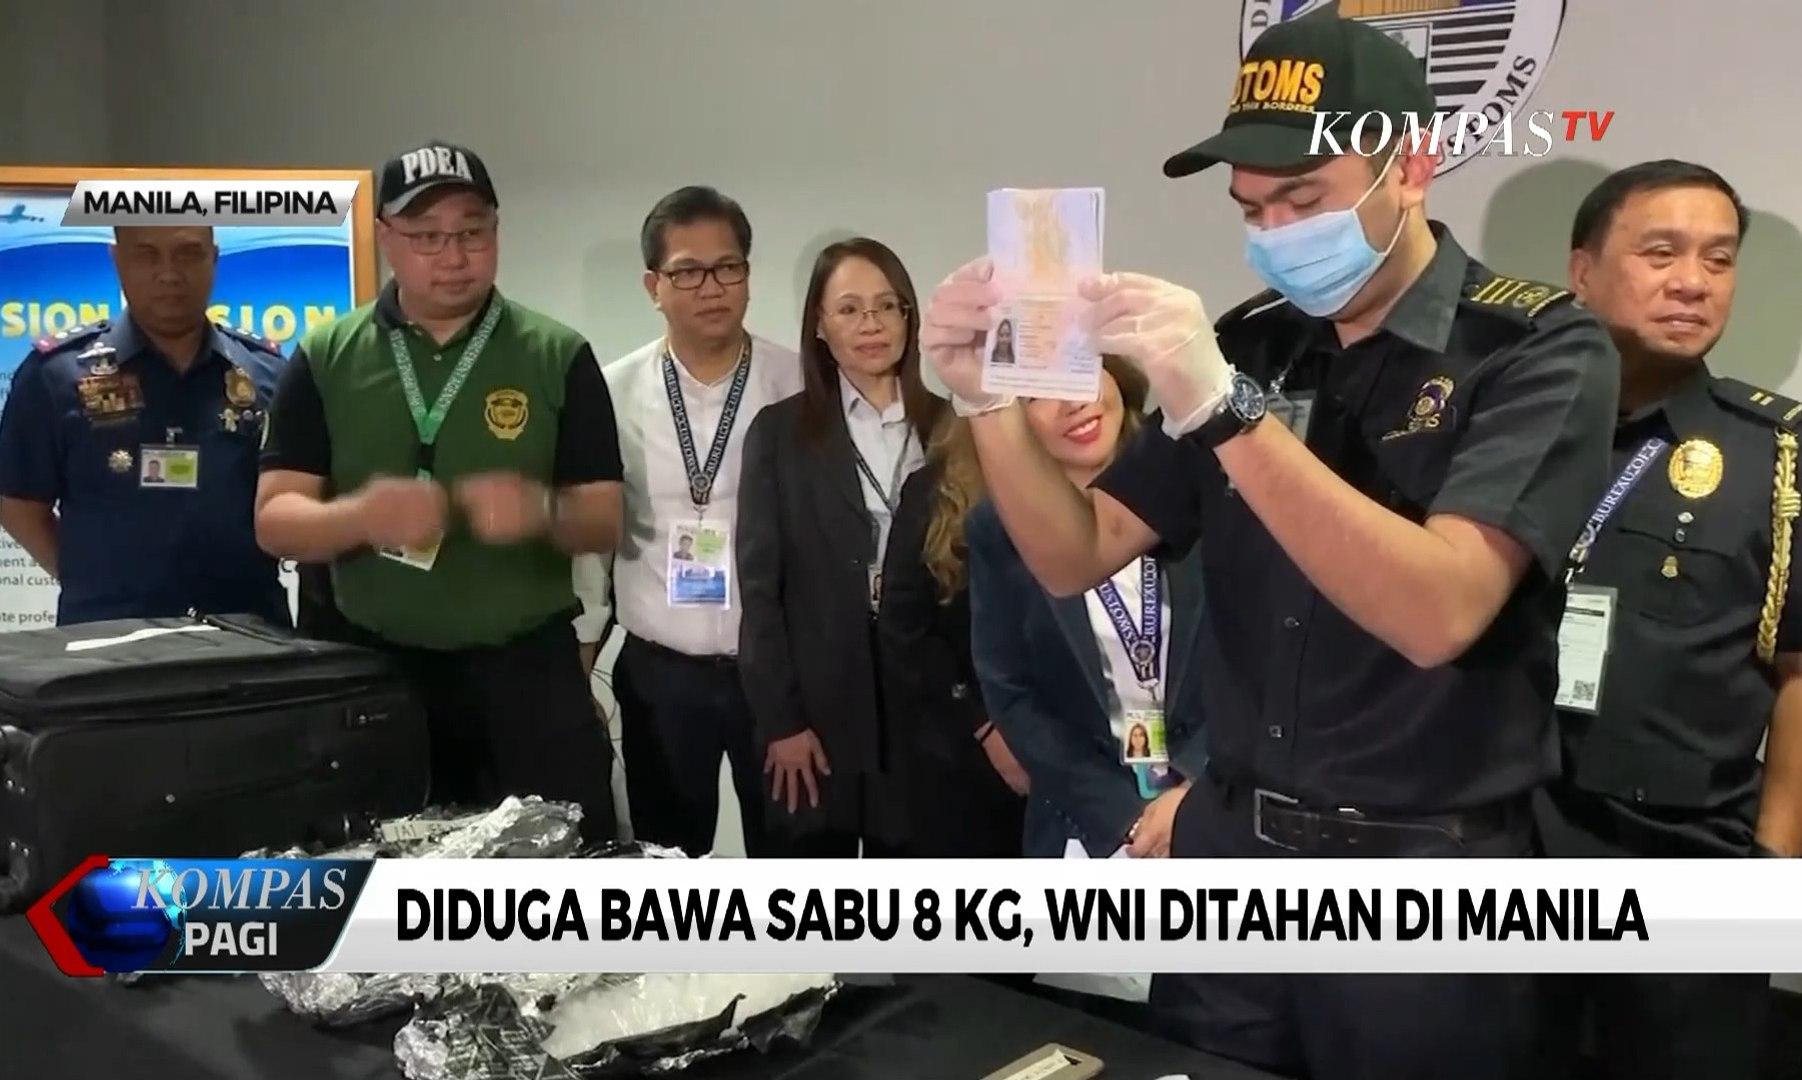 Diduga Bawa Sabu 8 Kg, WNI Ditahan di Manila